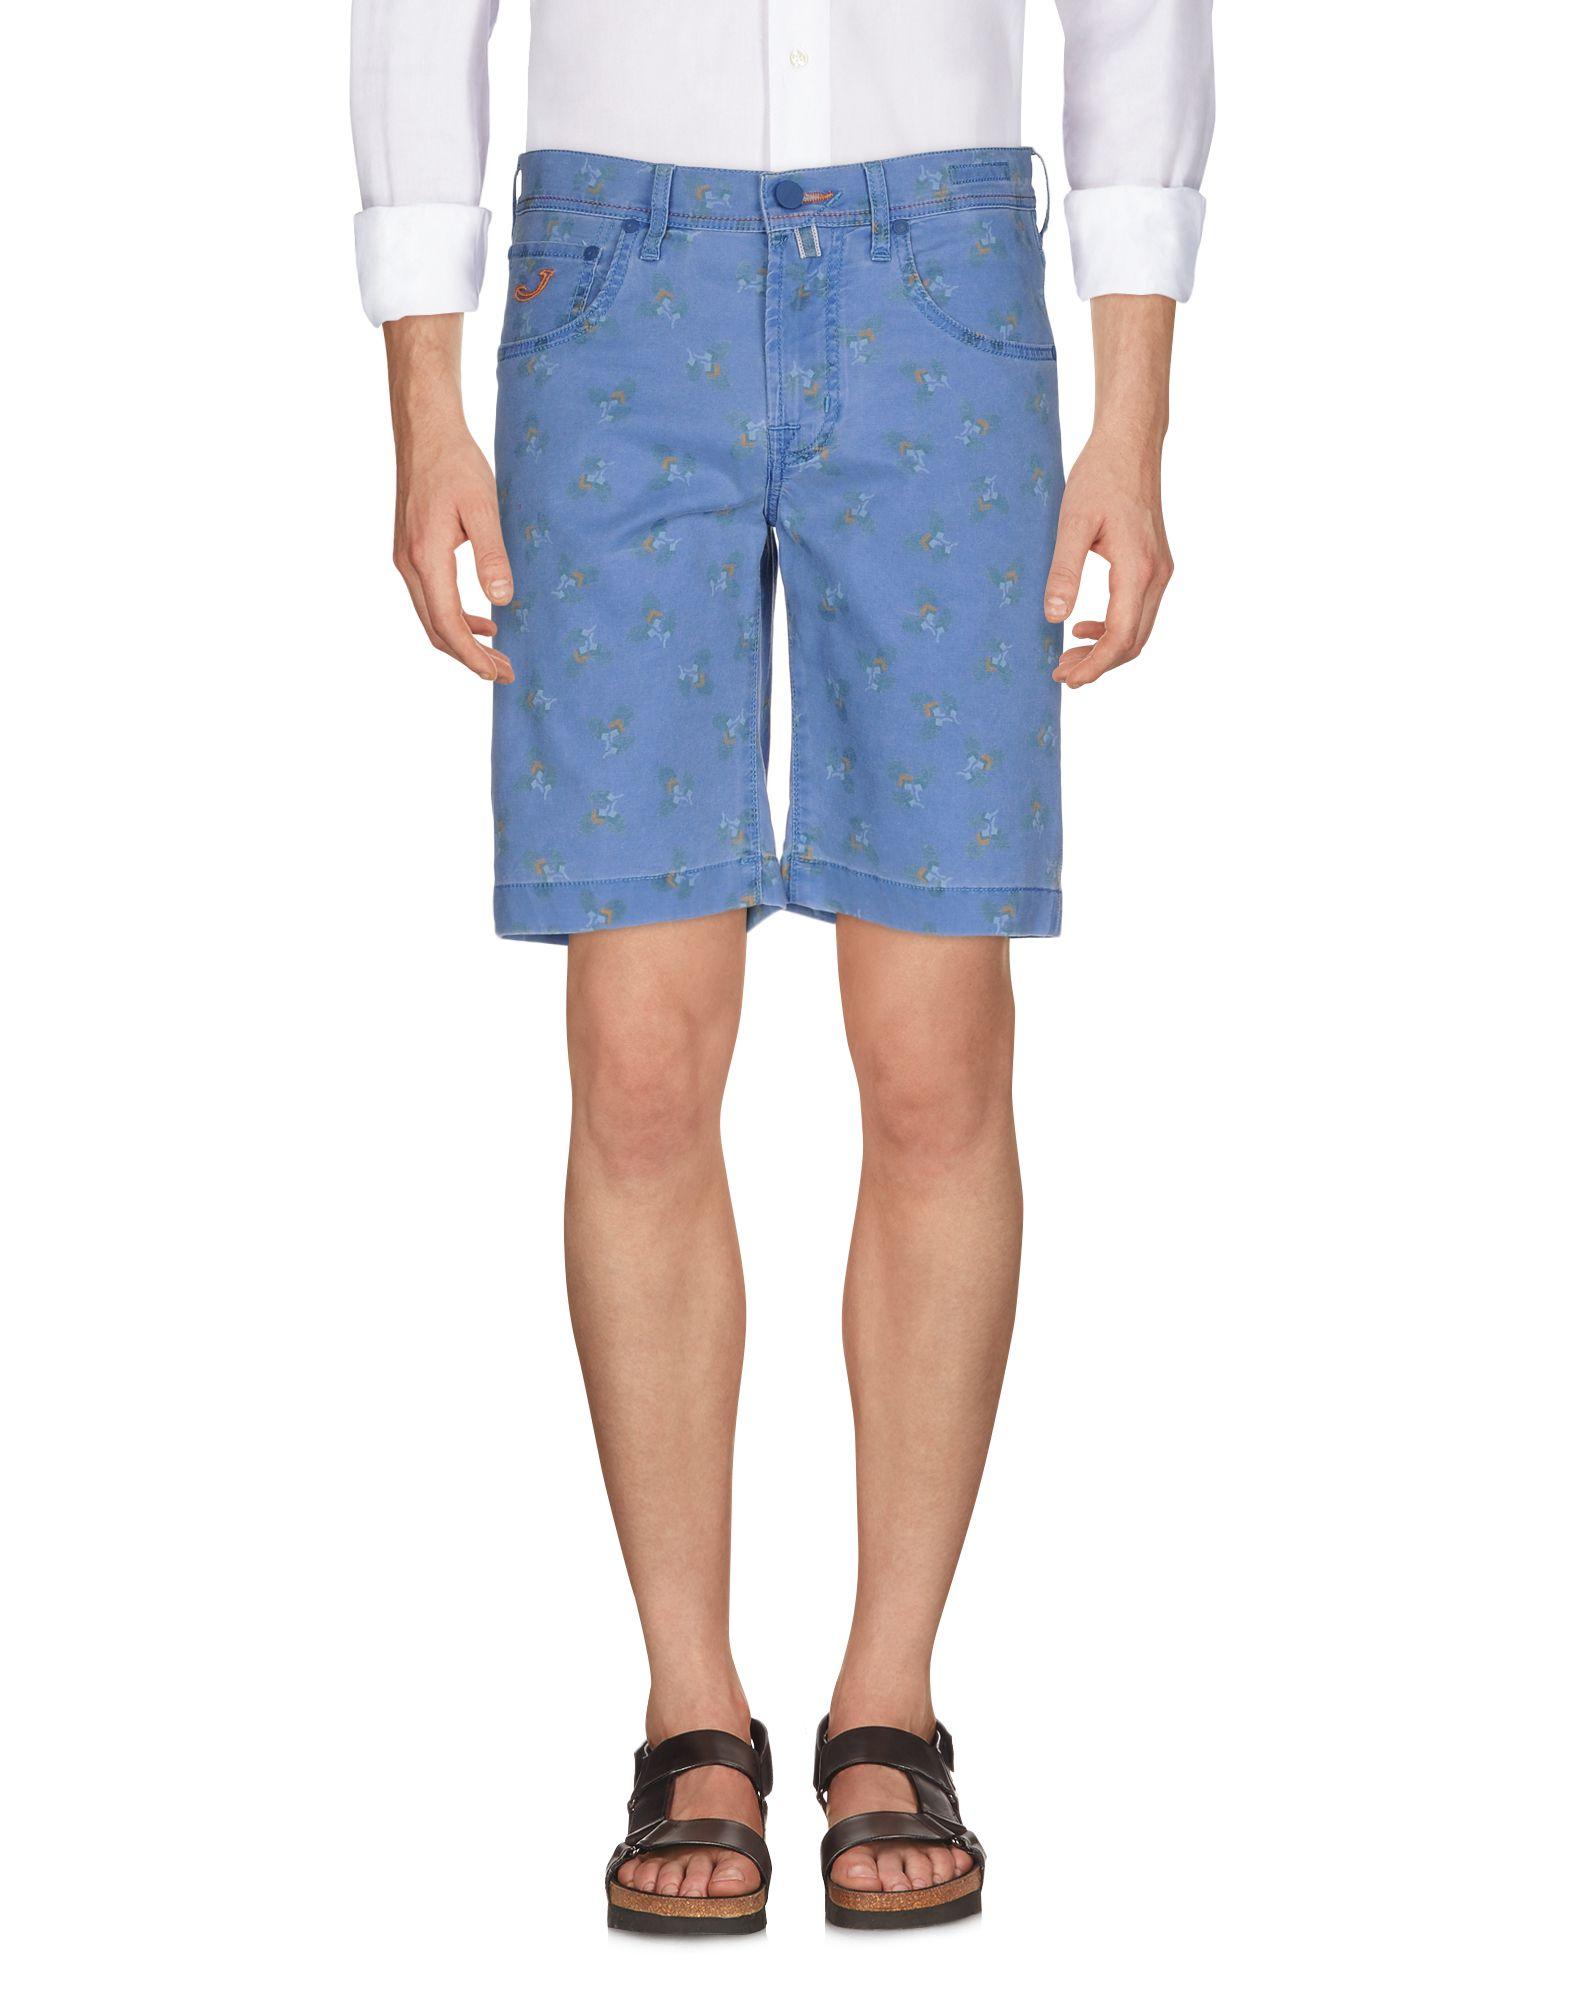 Shorts Jacob Cohёn Uomo - Acquista online su